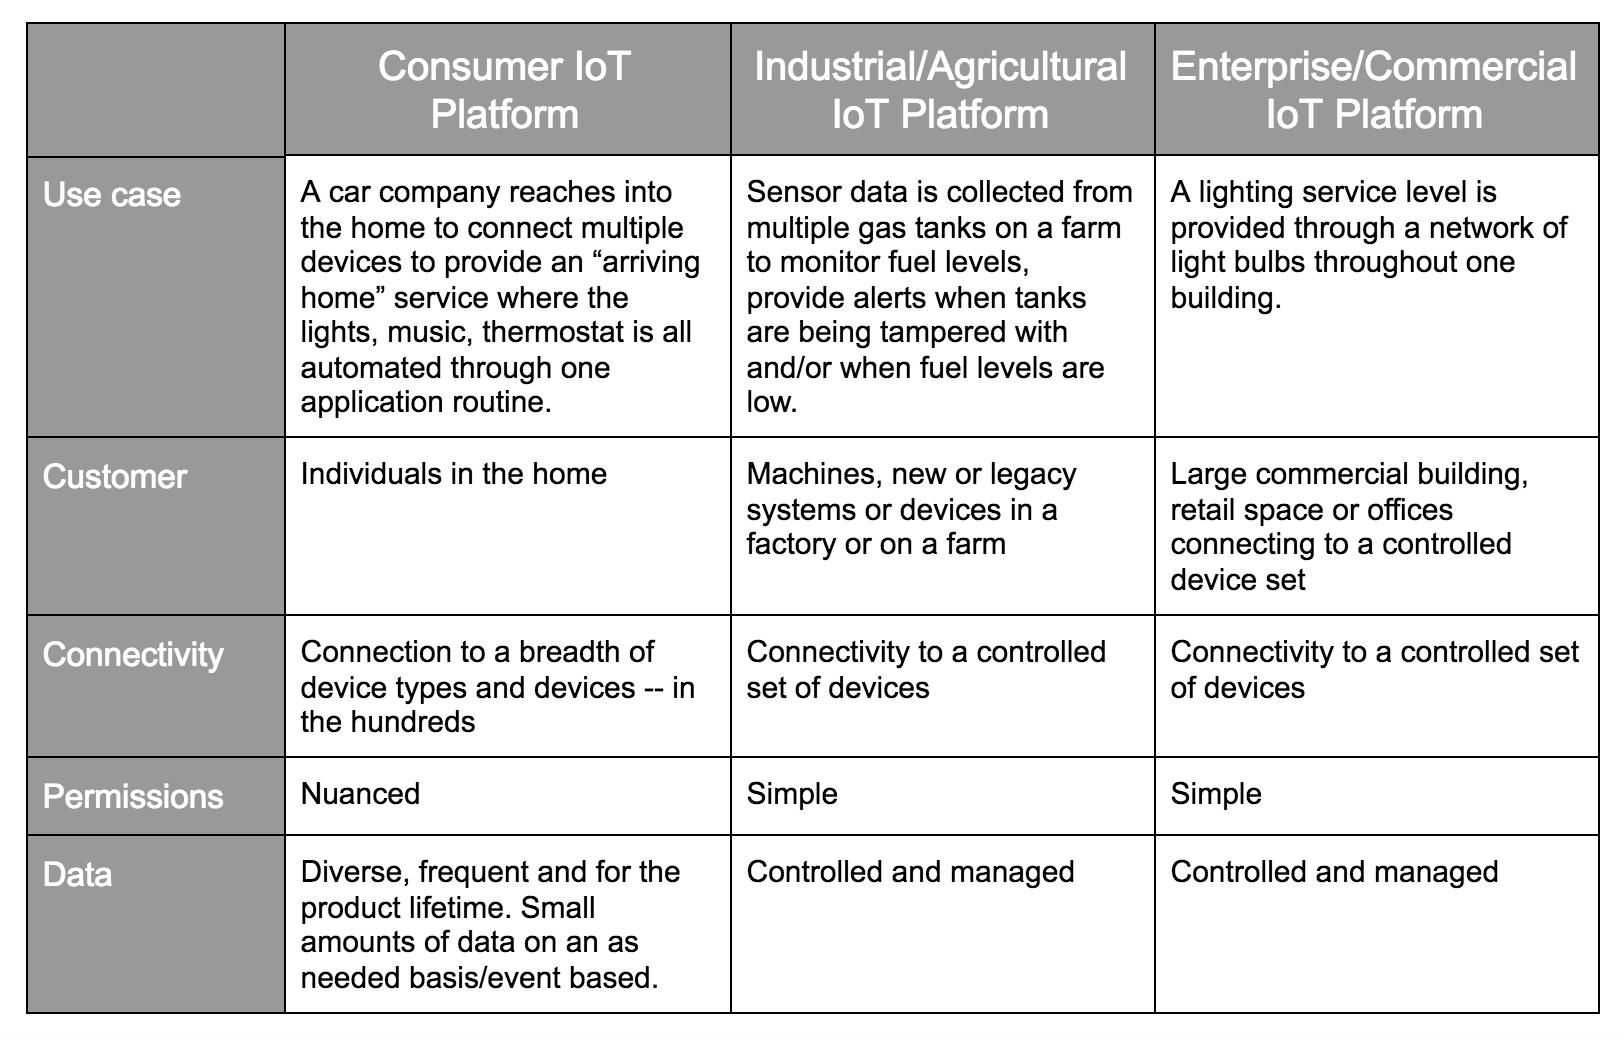 Yonomi Platform - Consumer, Enterprise, and Industrial IoT Platforms Comparison 02